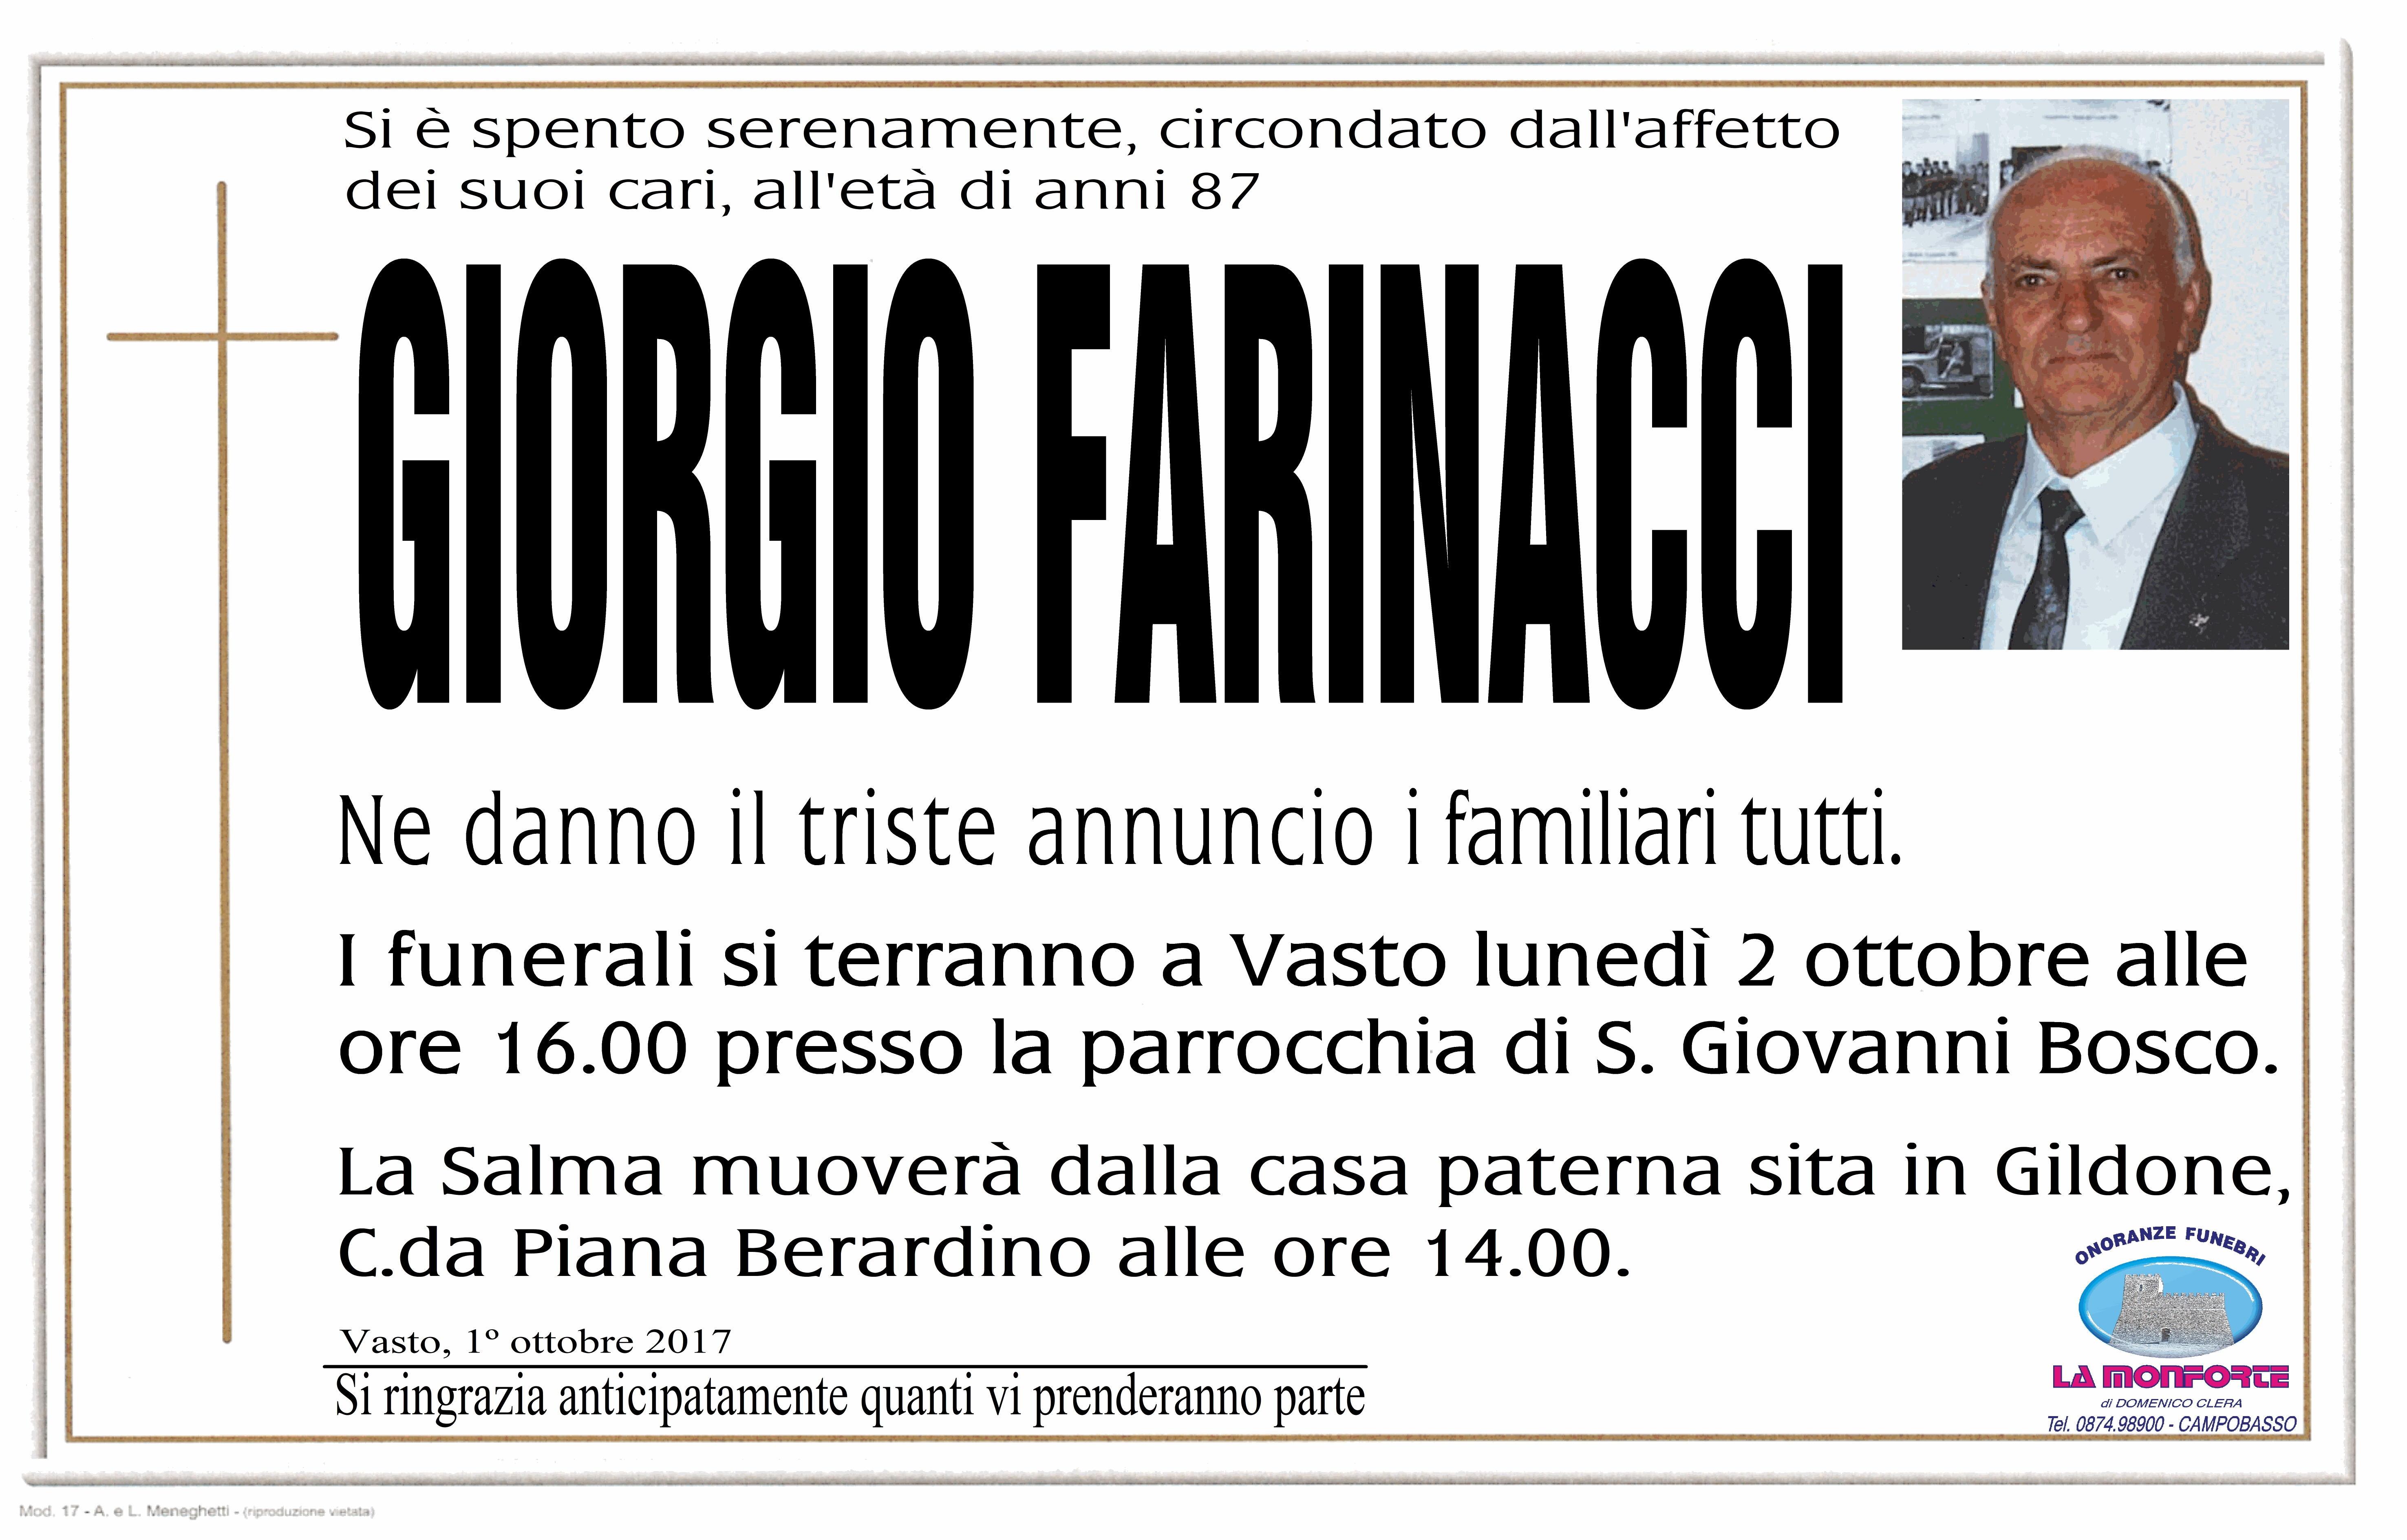 Giorgio Farinacci, 1/10/2017, Vasto – Onoranze Funebri La Monforte